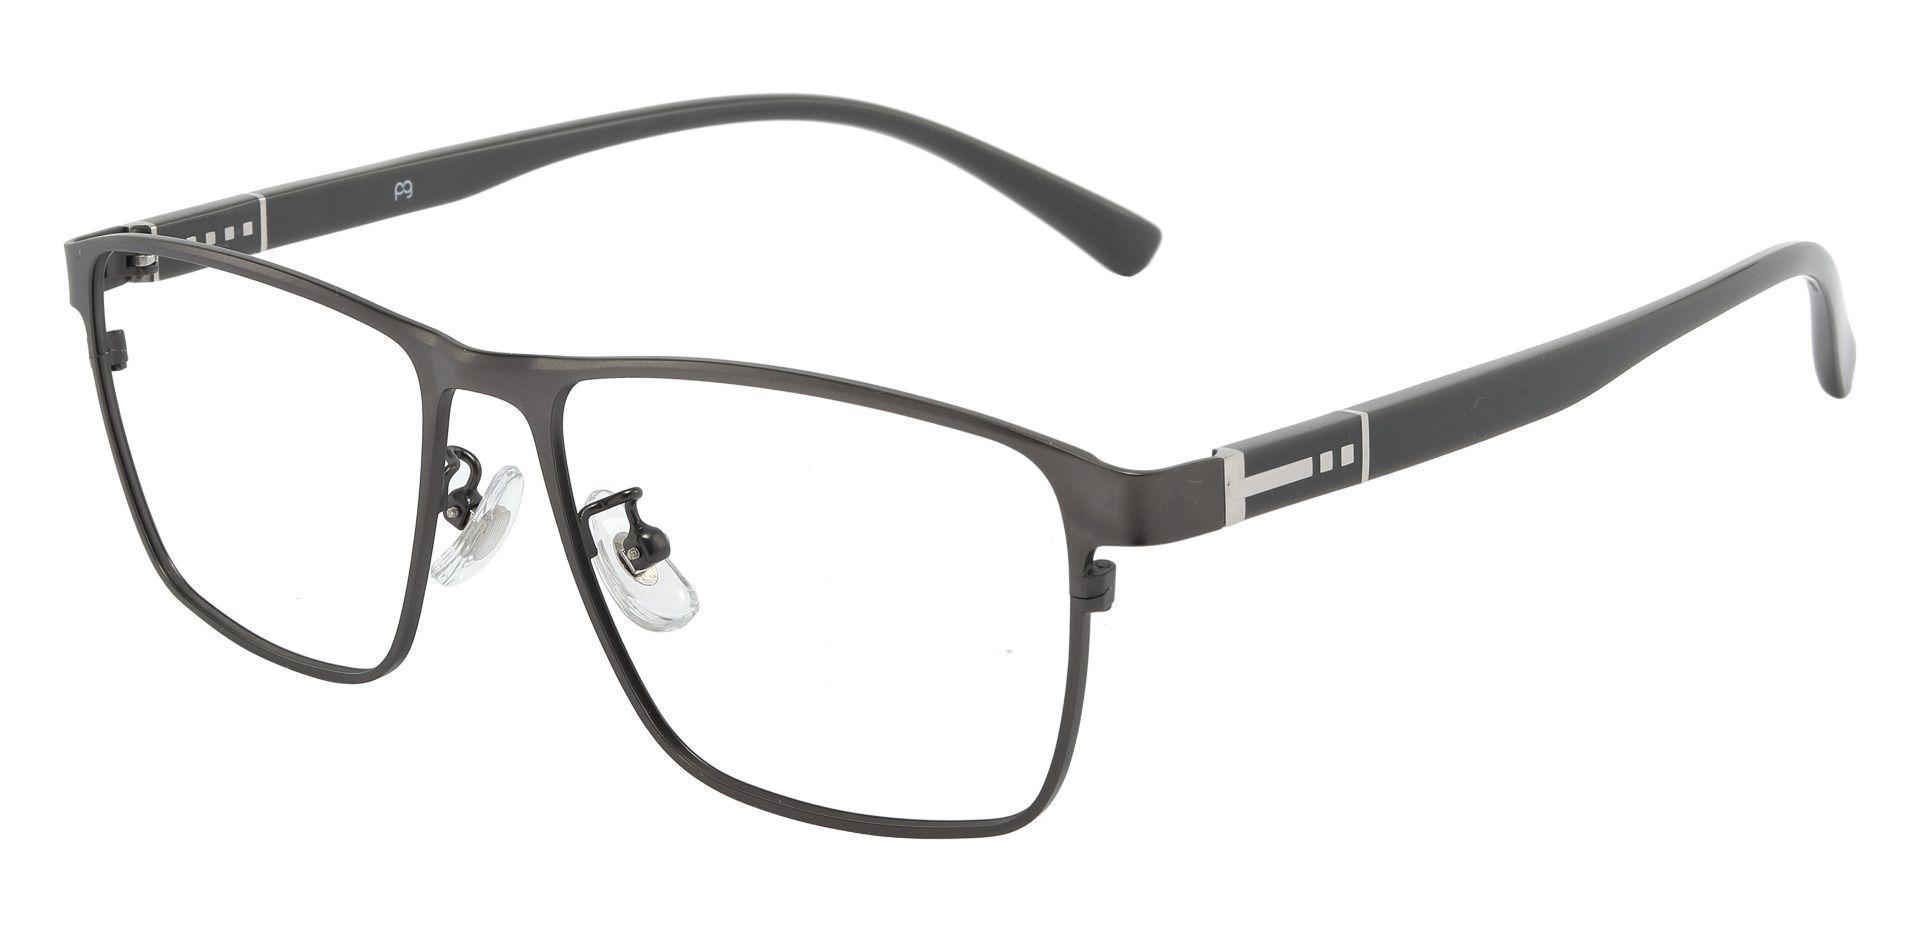 Mojave Square Prescription Glasses - Gray